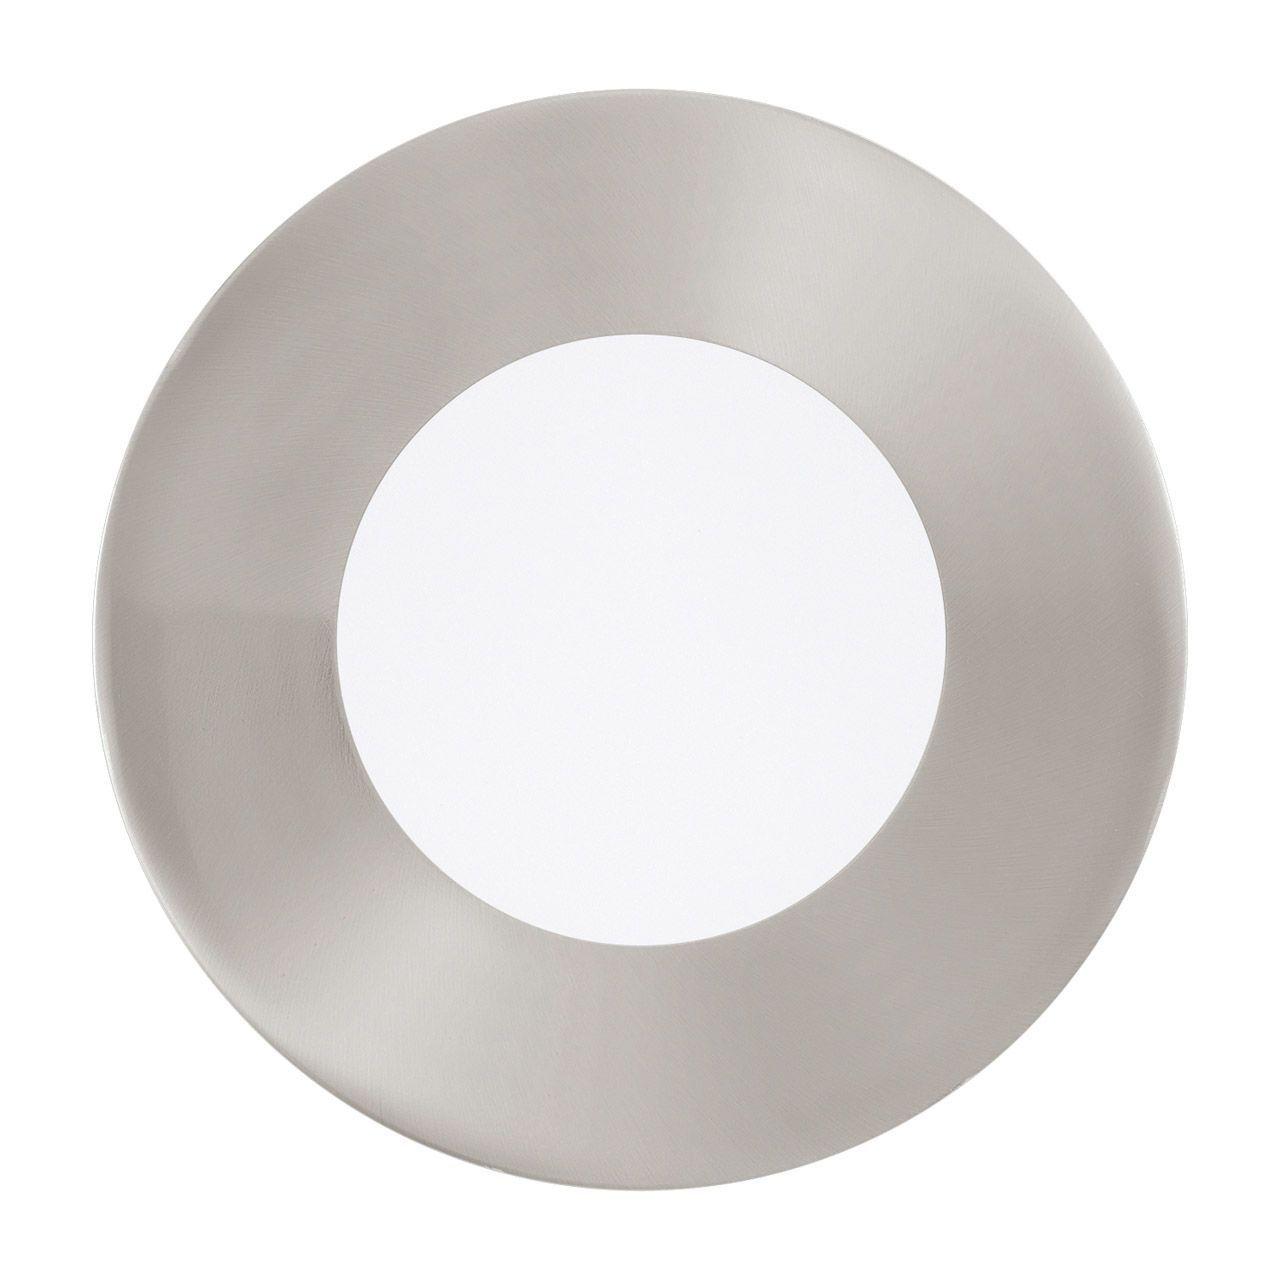 Встраиваемый светильник Eglo, LED, 2.7 Вт все цены